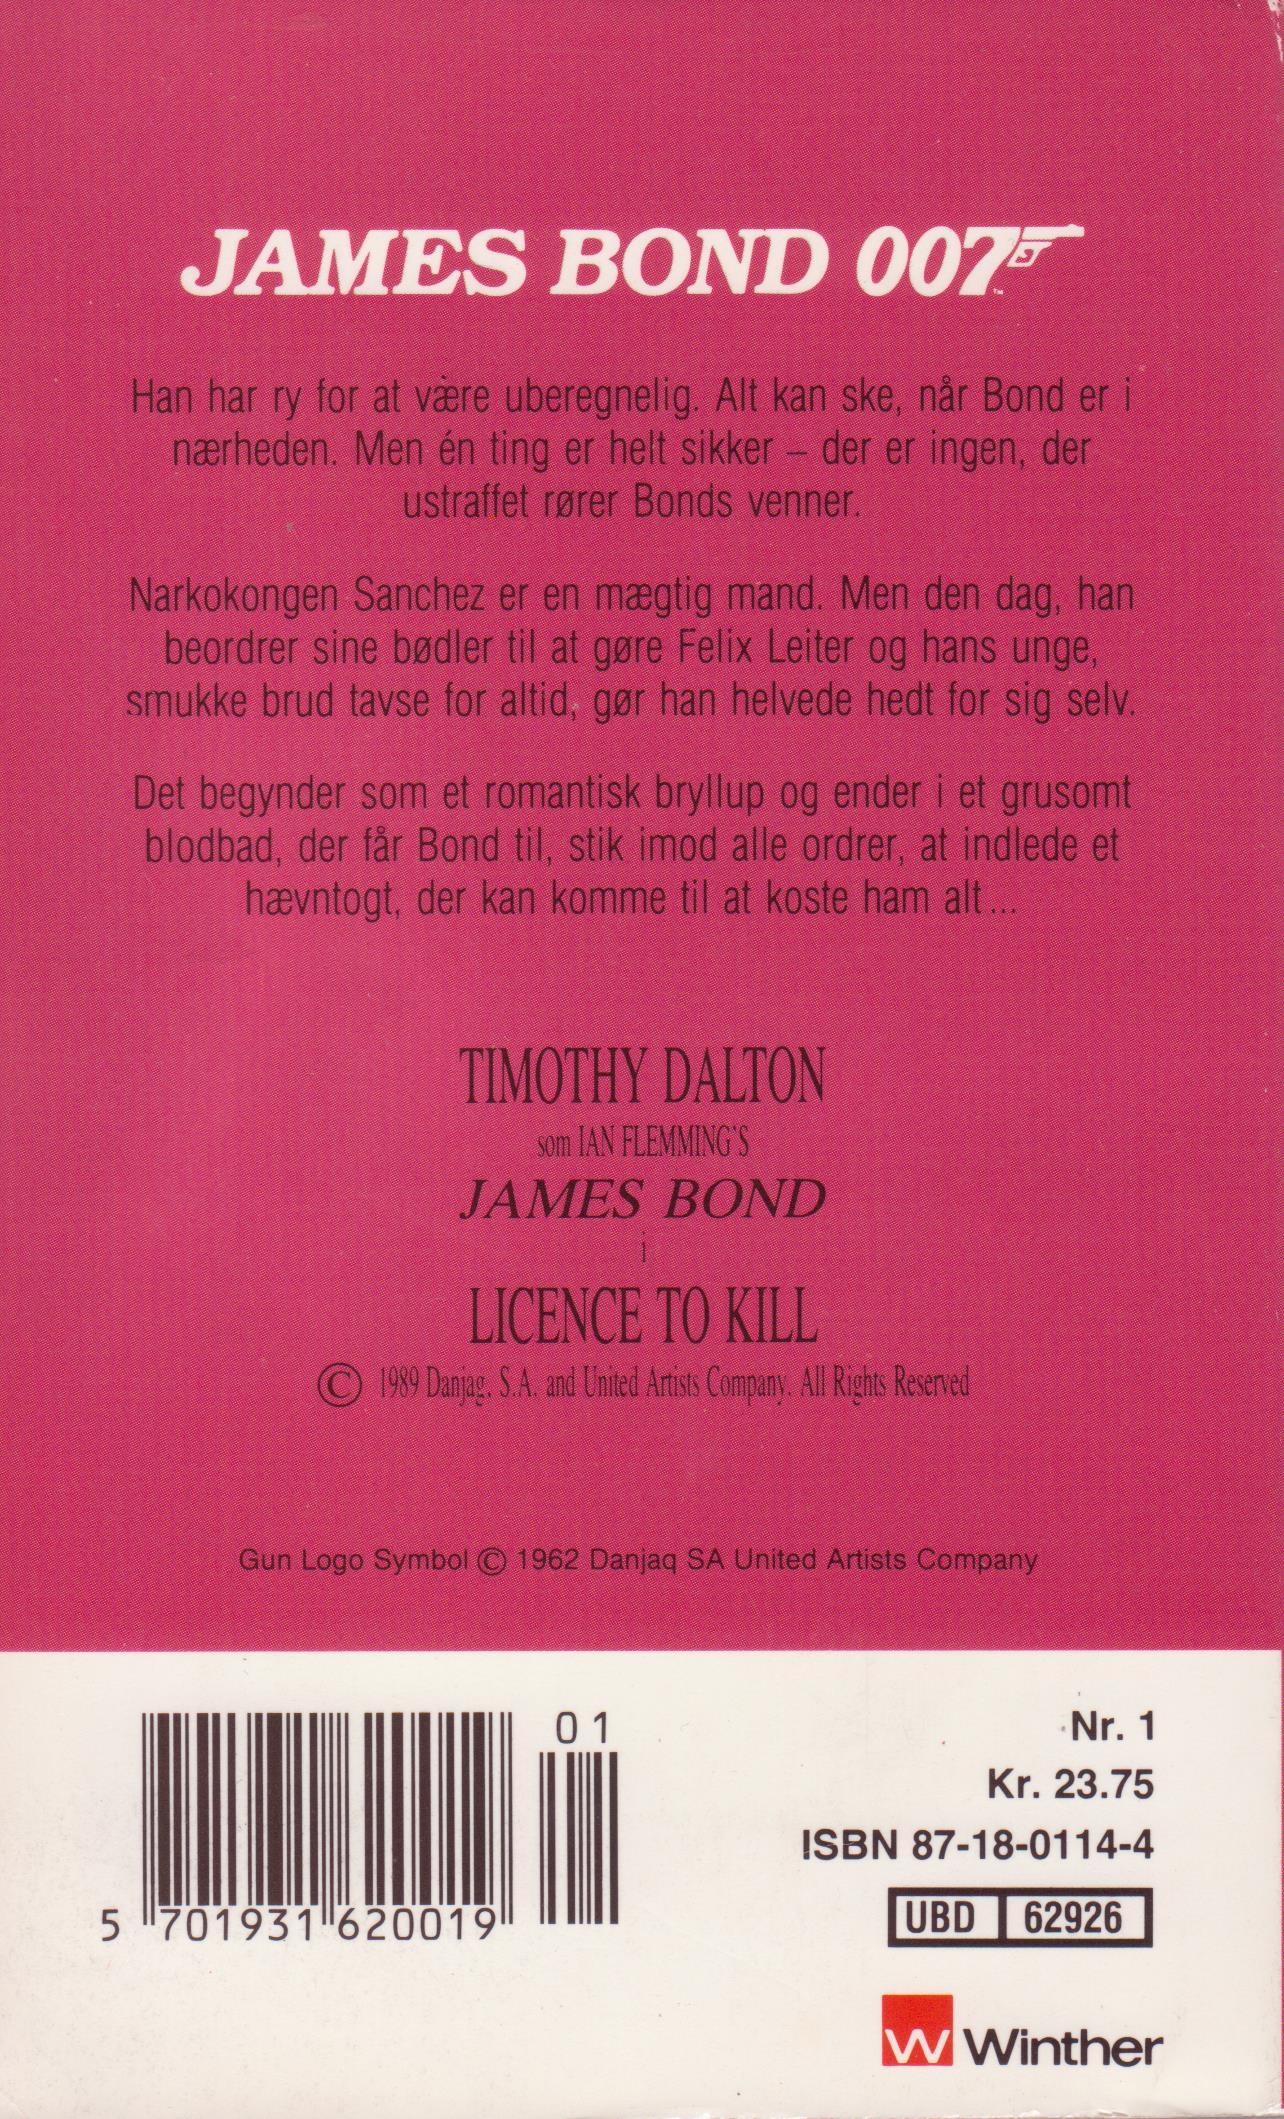 007 - med ret til at dræbe (1989) - bagside